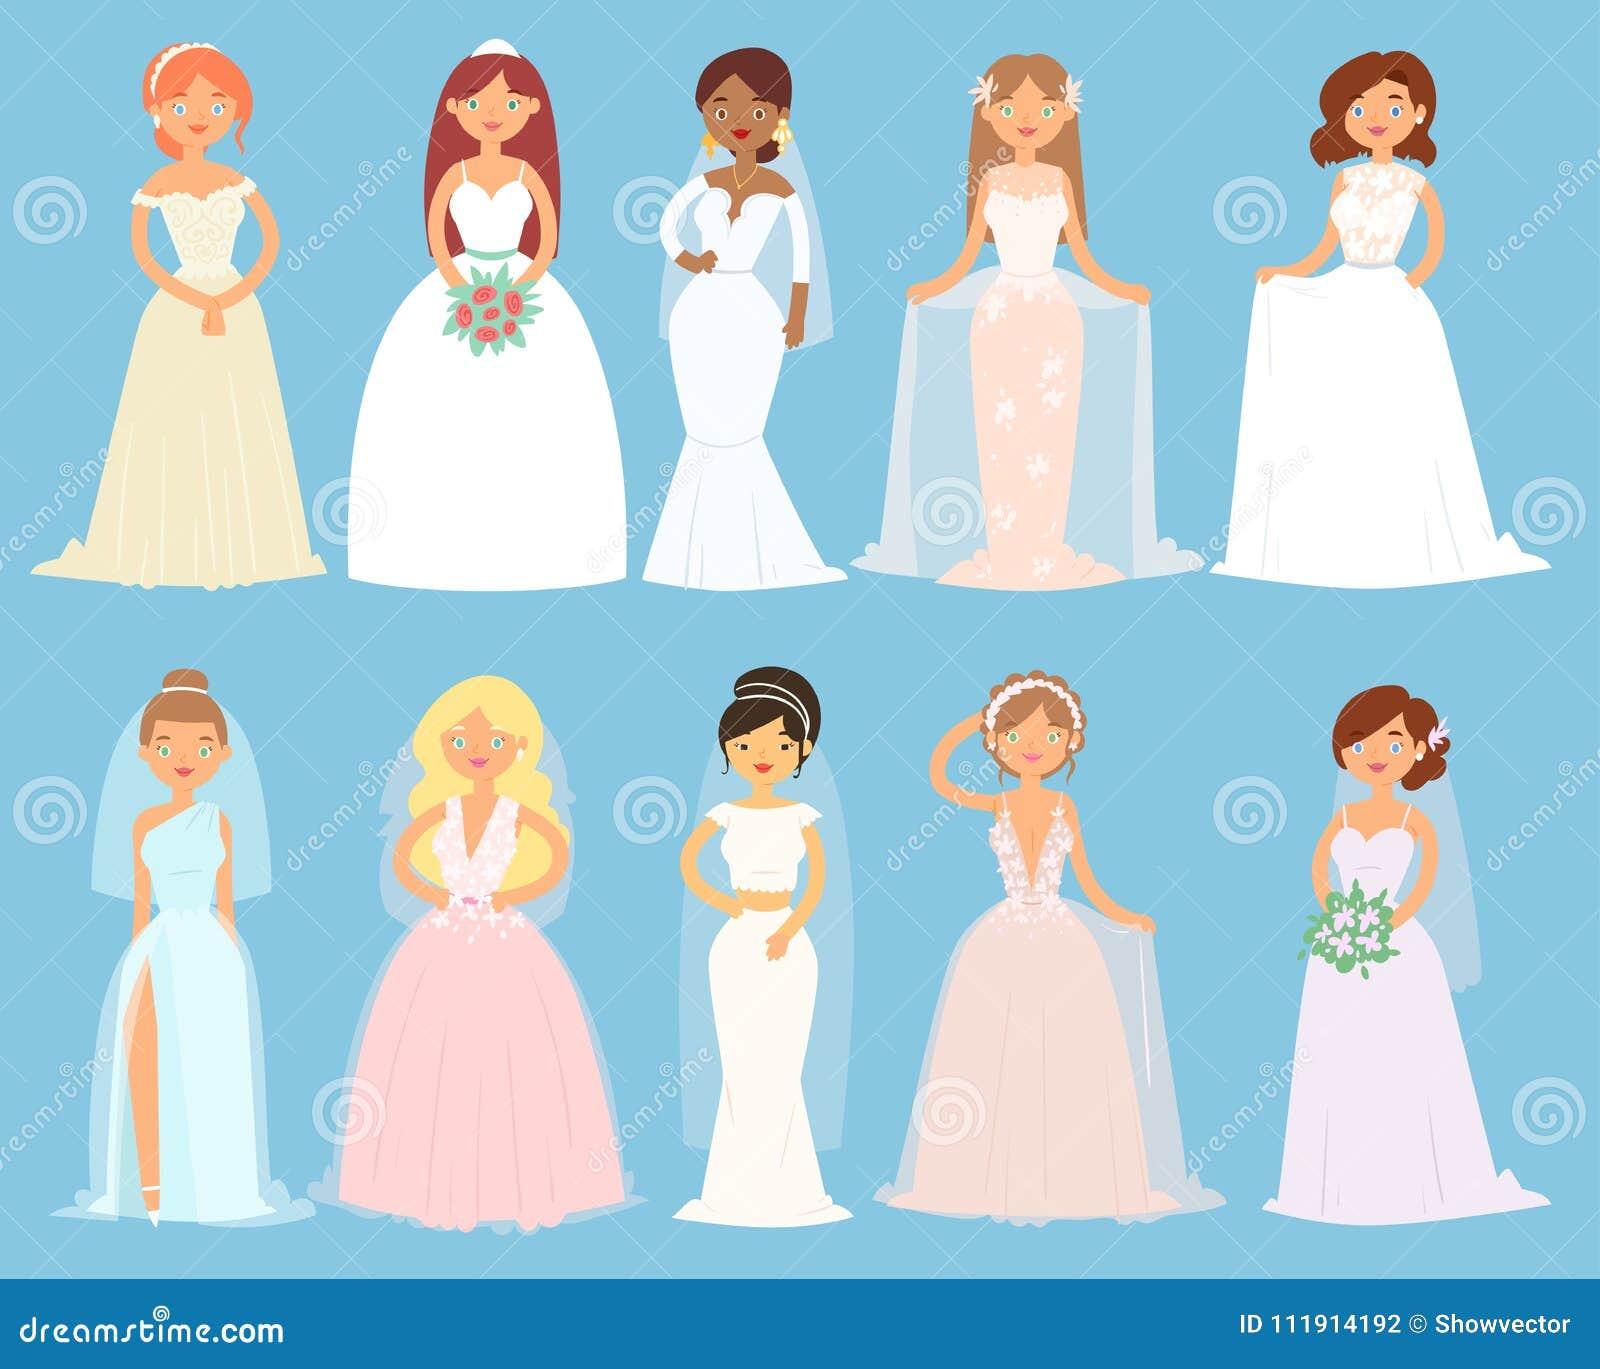 Los Vestidos De Boda En Mujer Vector Los Accesorios De Vestido ...